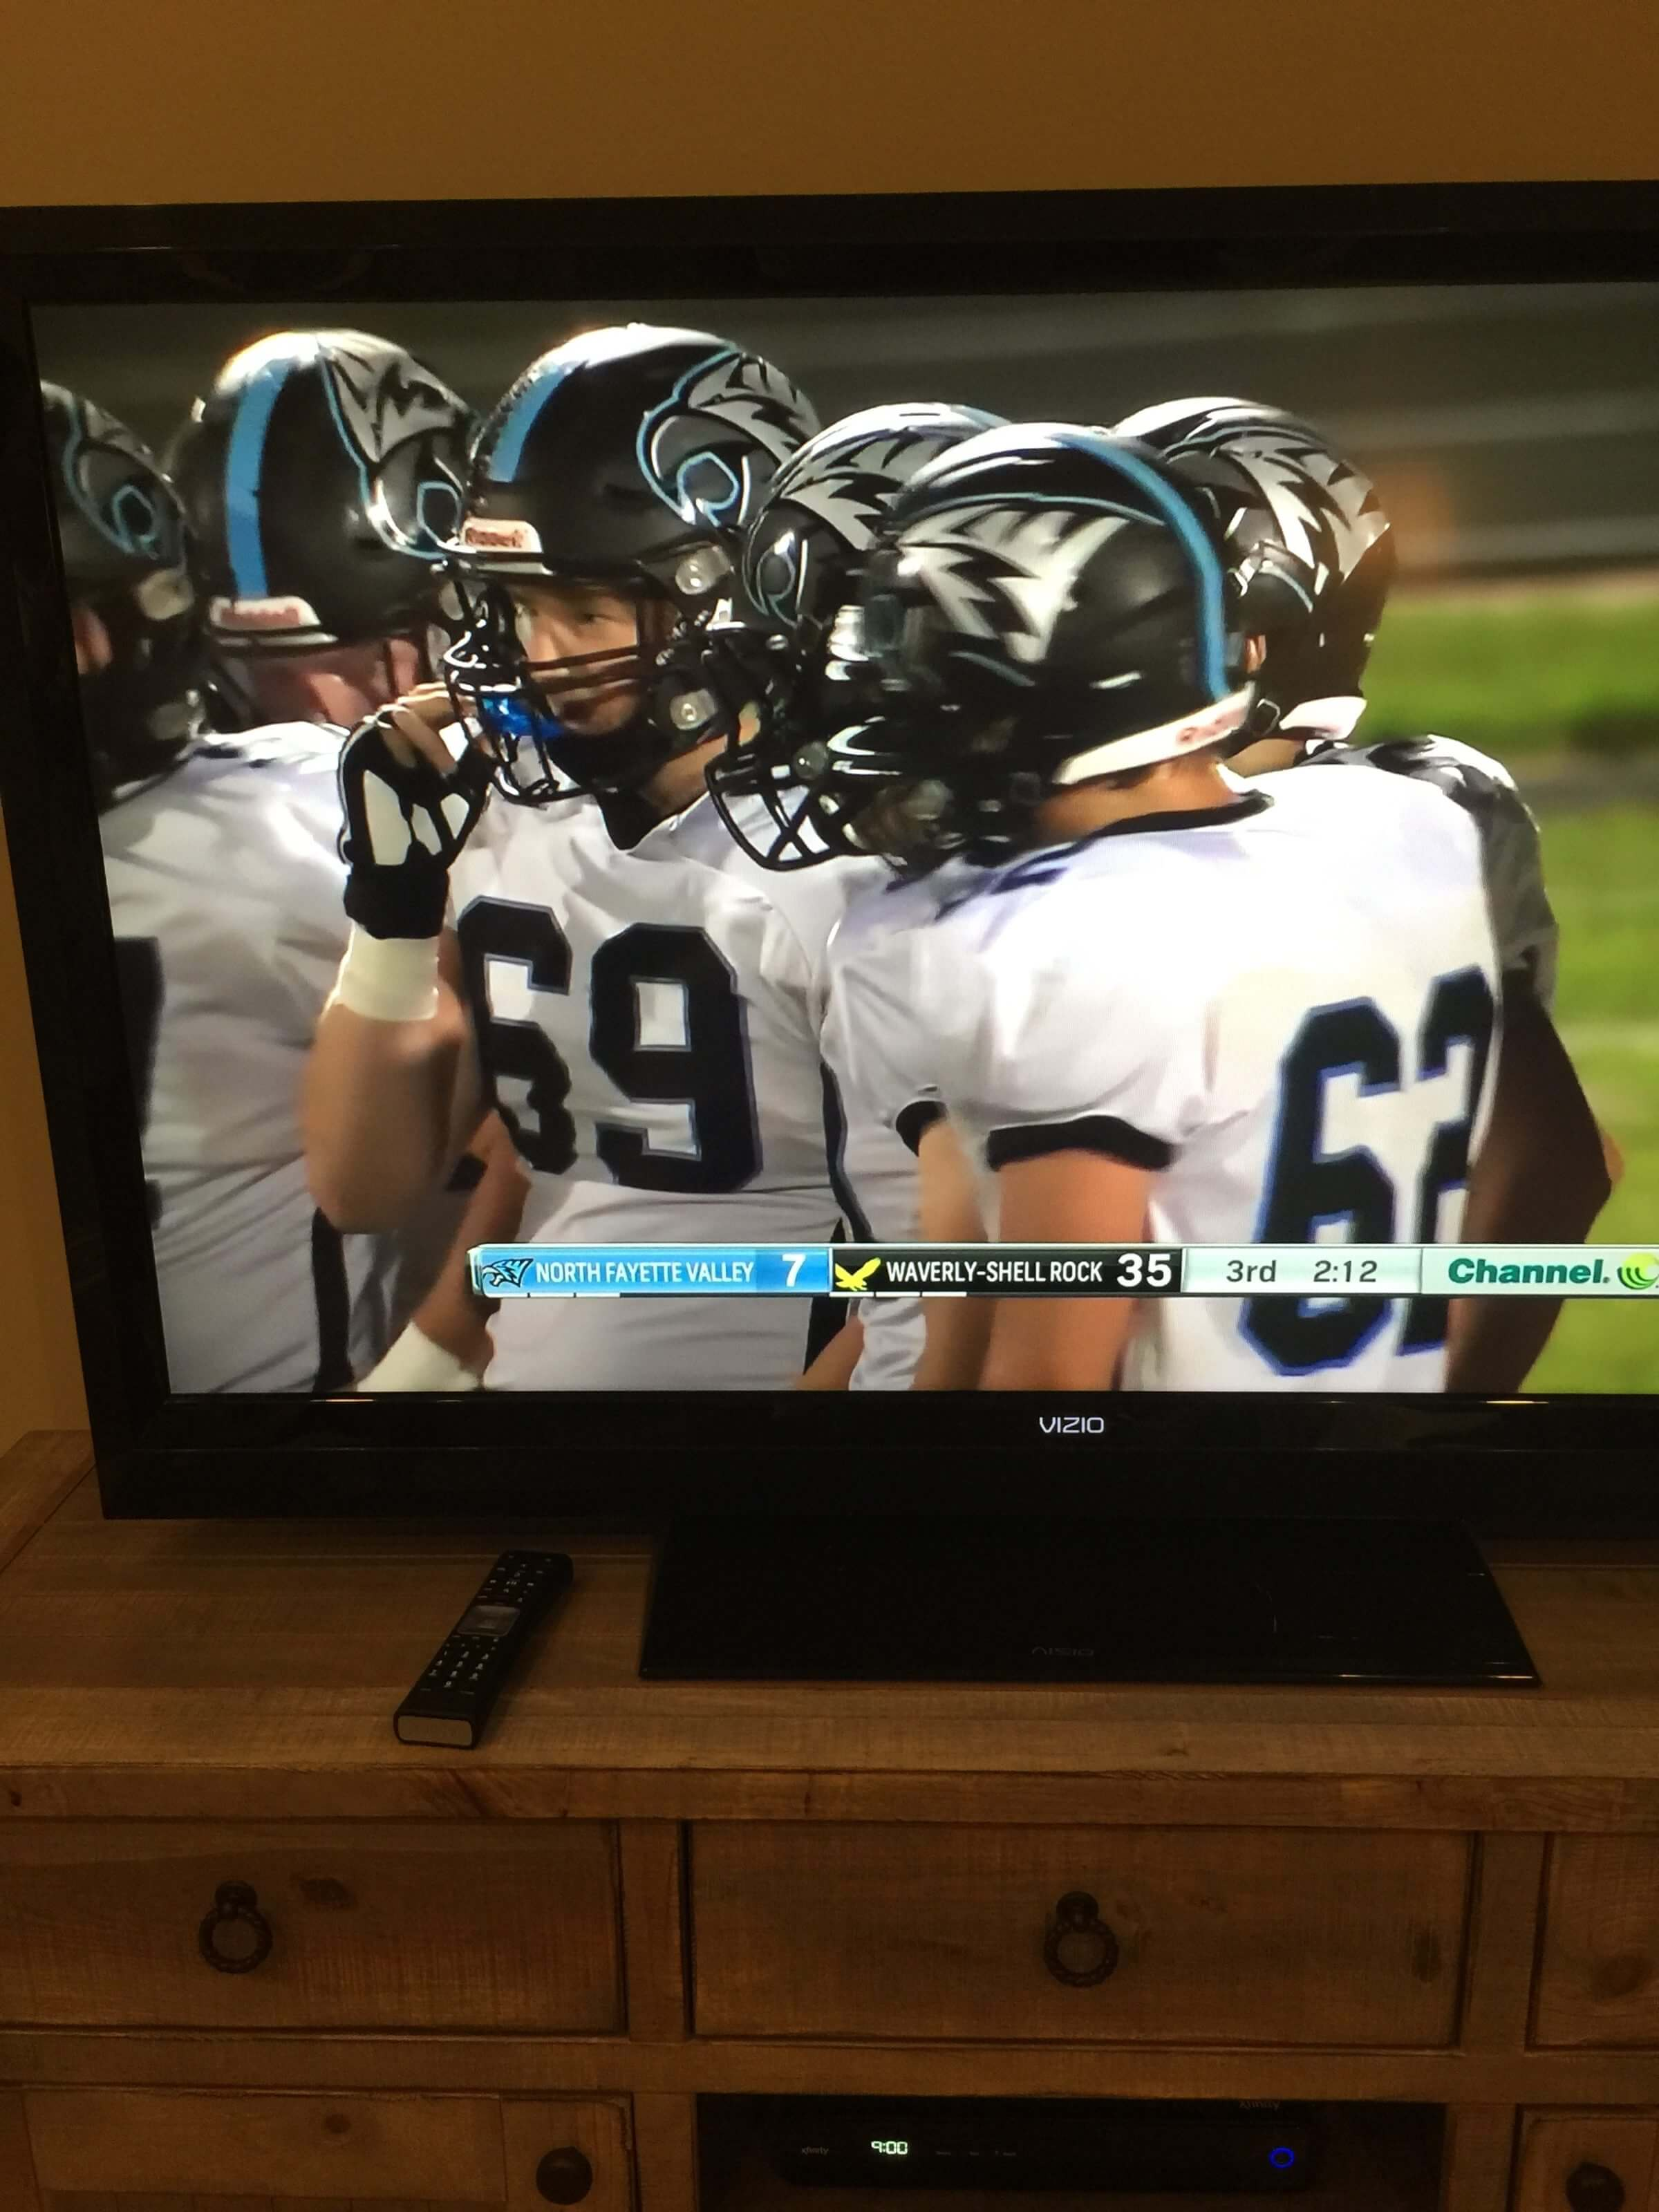 NFV on TV